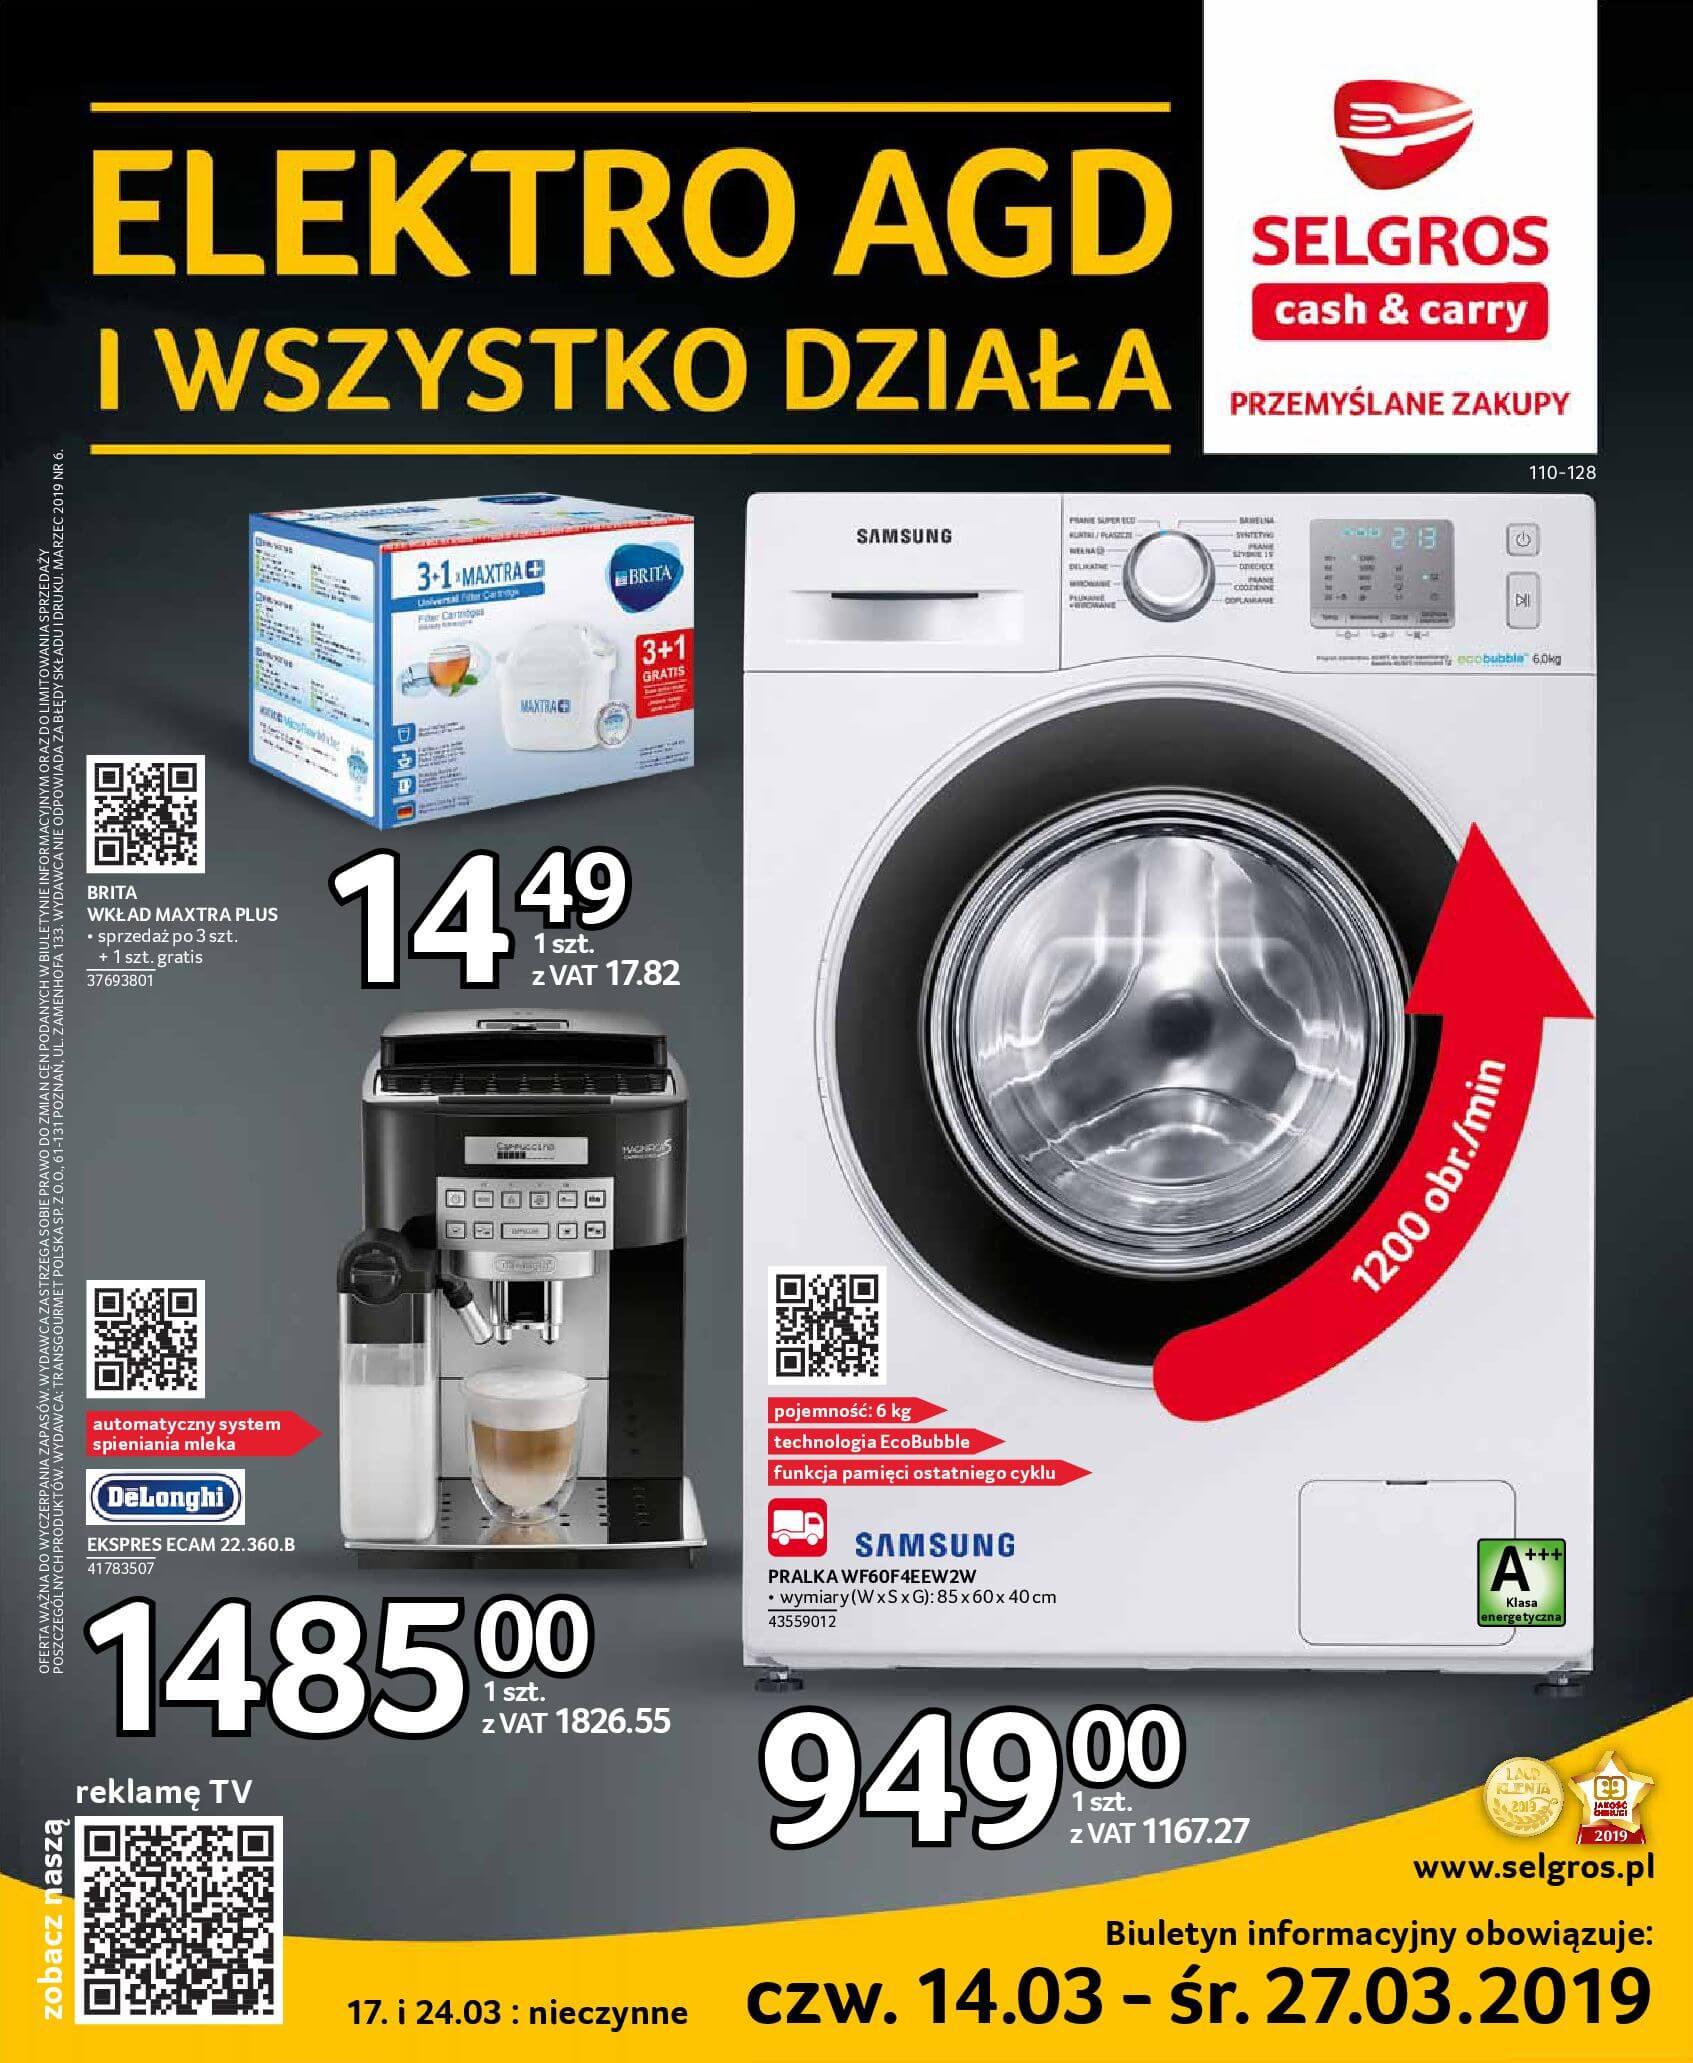 Gazetka Selgros - Elektro AGD i wszystko działa-13.03.2019-27.03.2019-page-